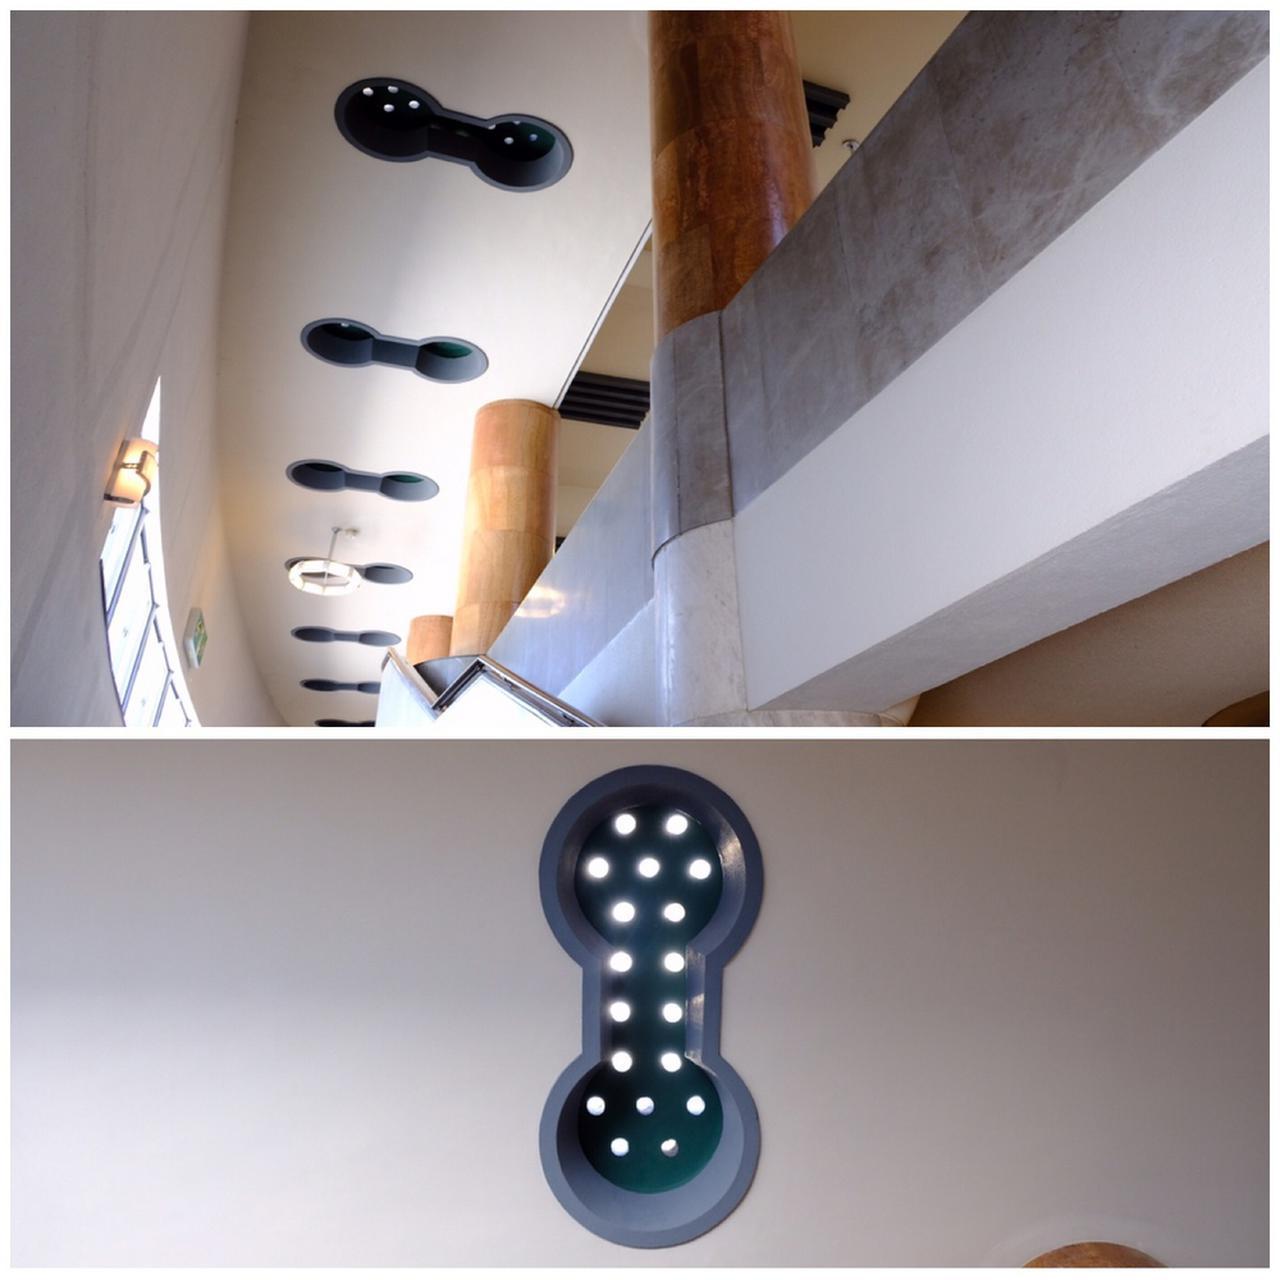 画像: 2階への階段天井にはバーベルのような形の明かり取り。建物中央が長く、端になるほど天井幅と共に短くなっており、空間を広く見せる造りとなっています。